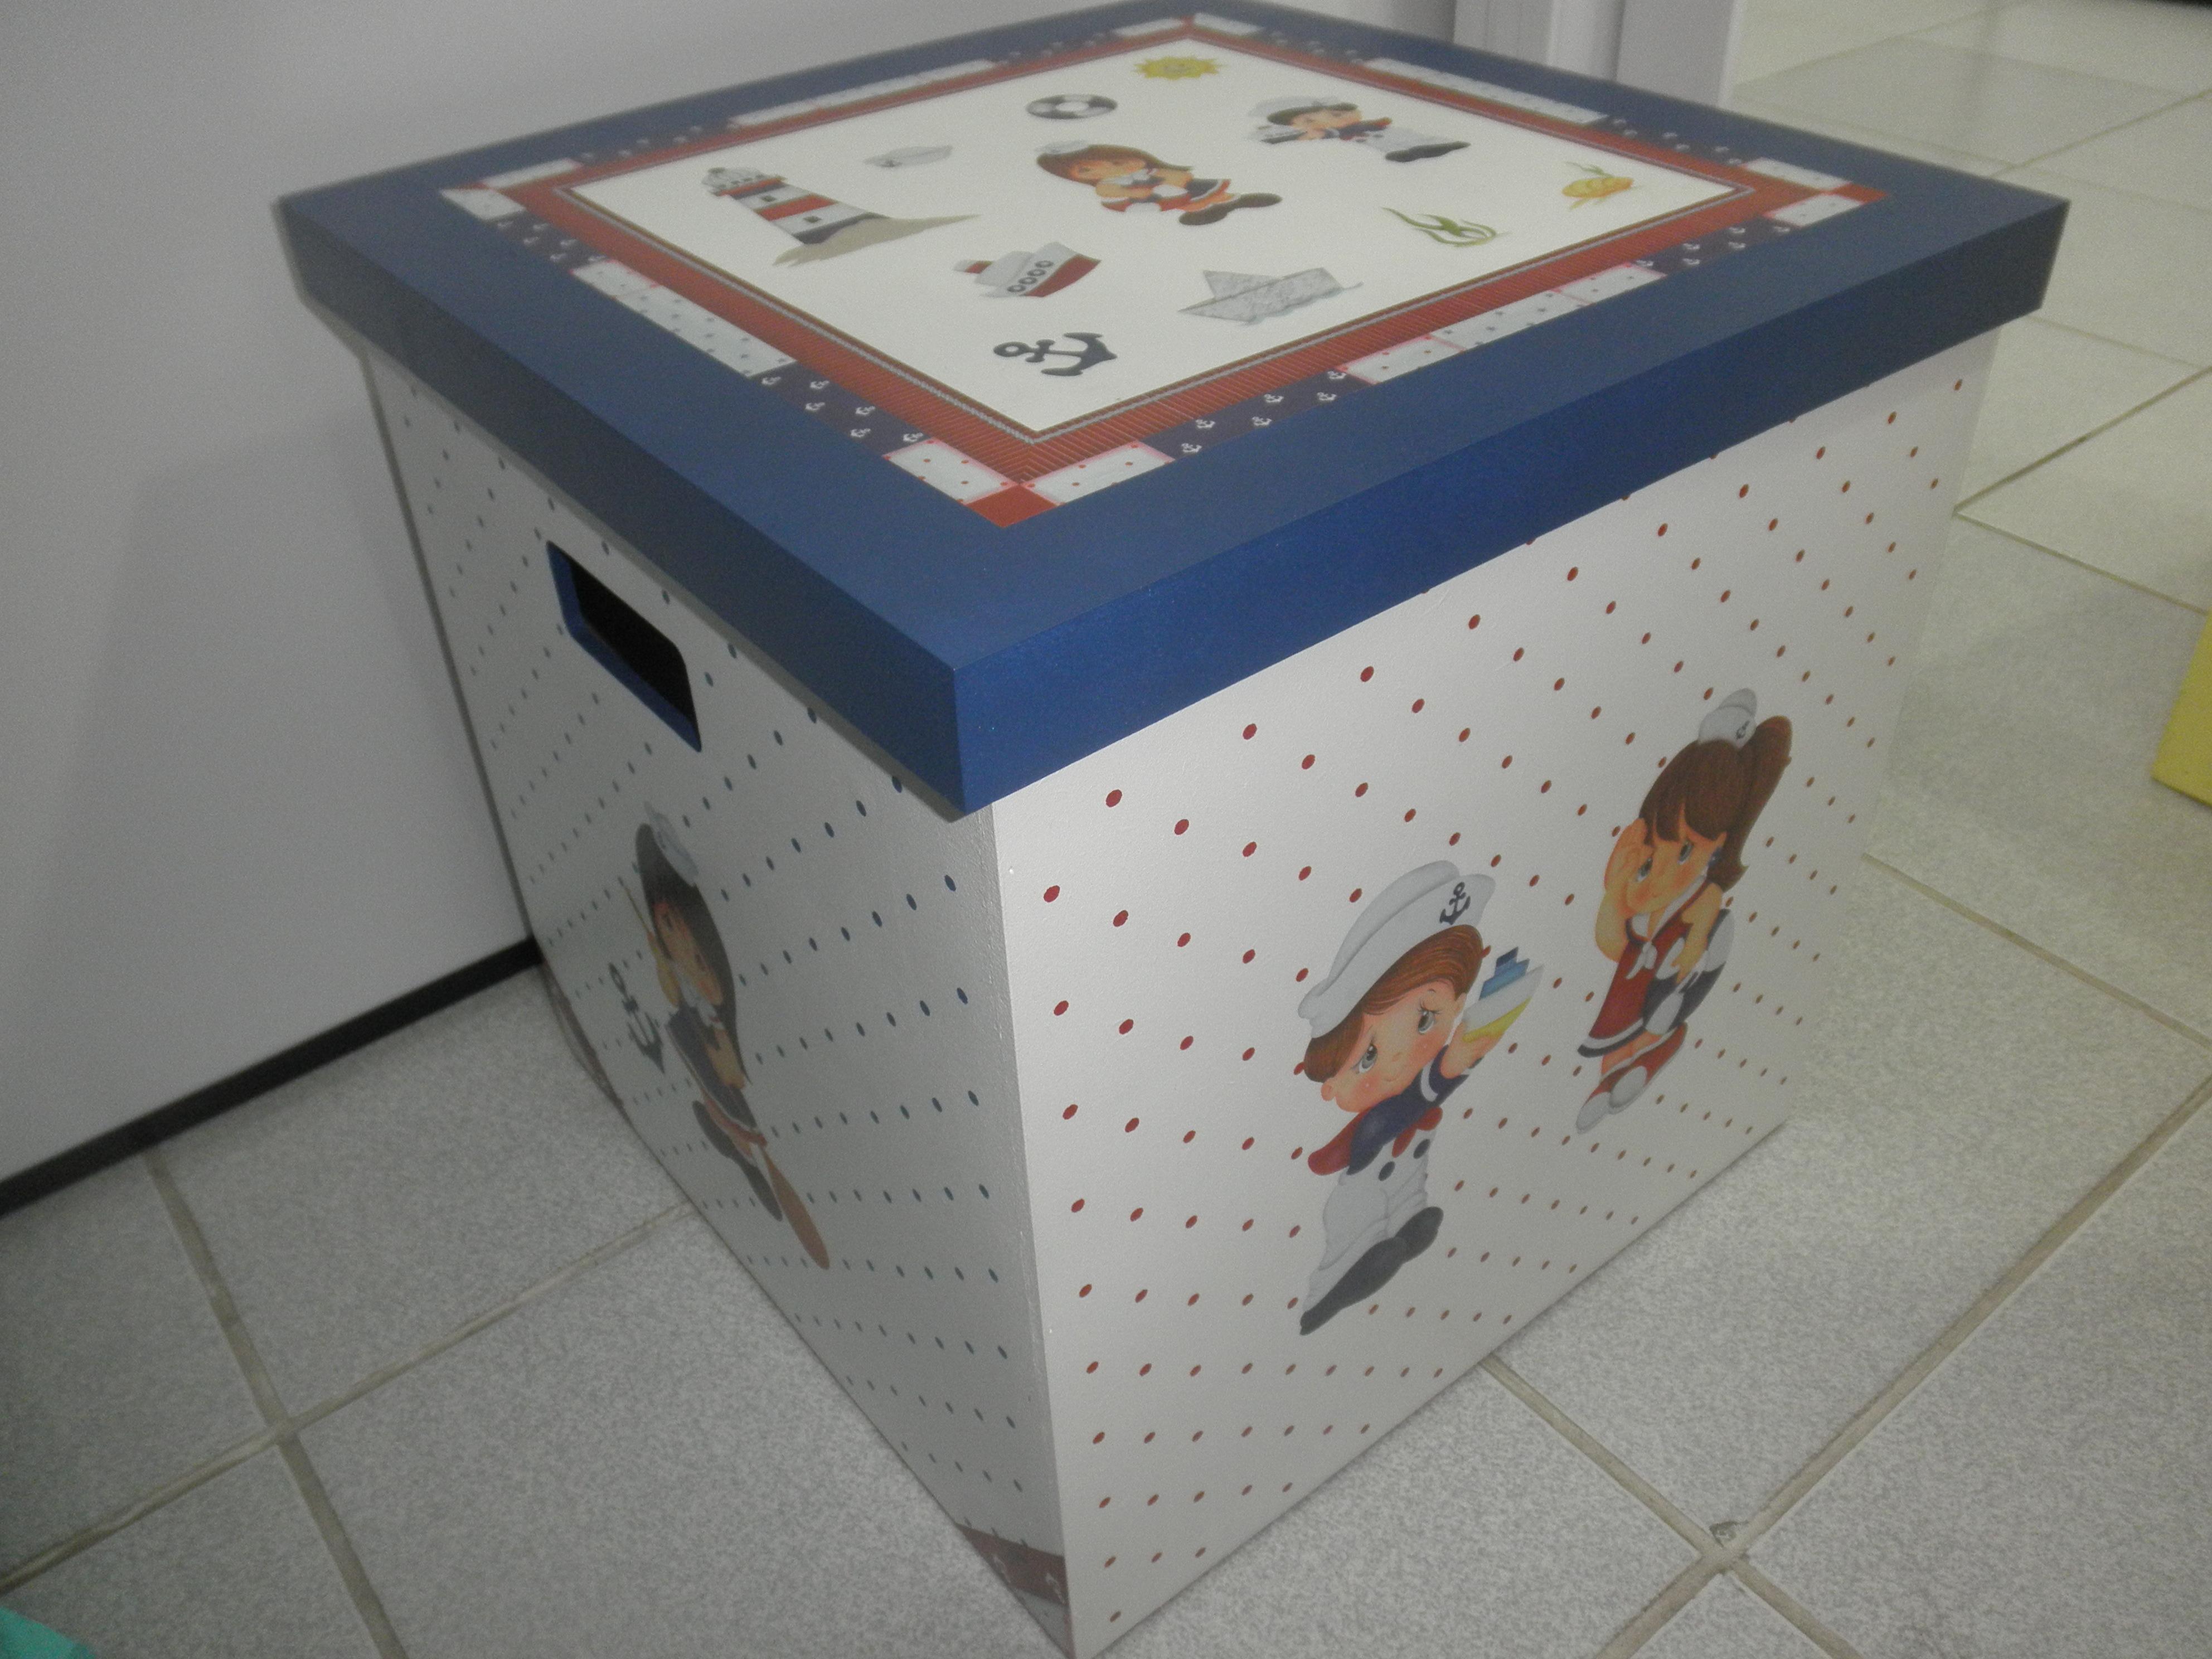 Caixa De Brinquedos Marinheiros Ateliê Ponto e Pincel Elo7 #754C42 3968x2976